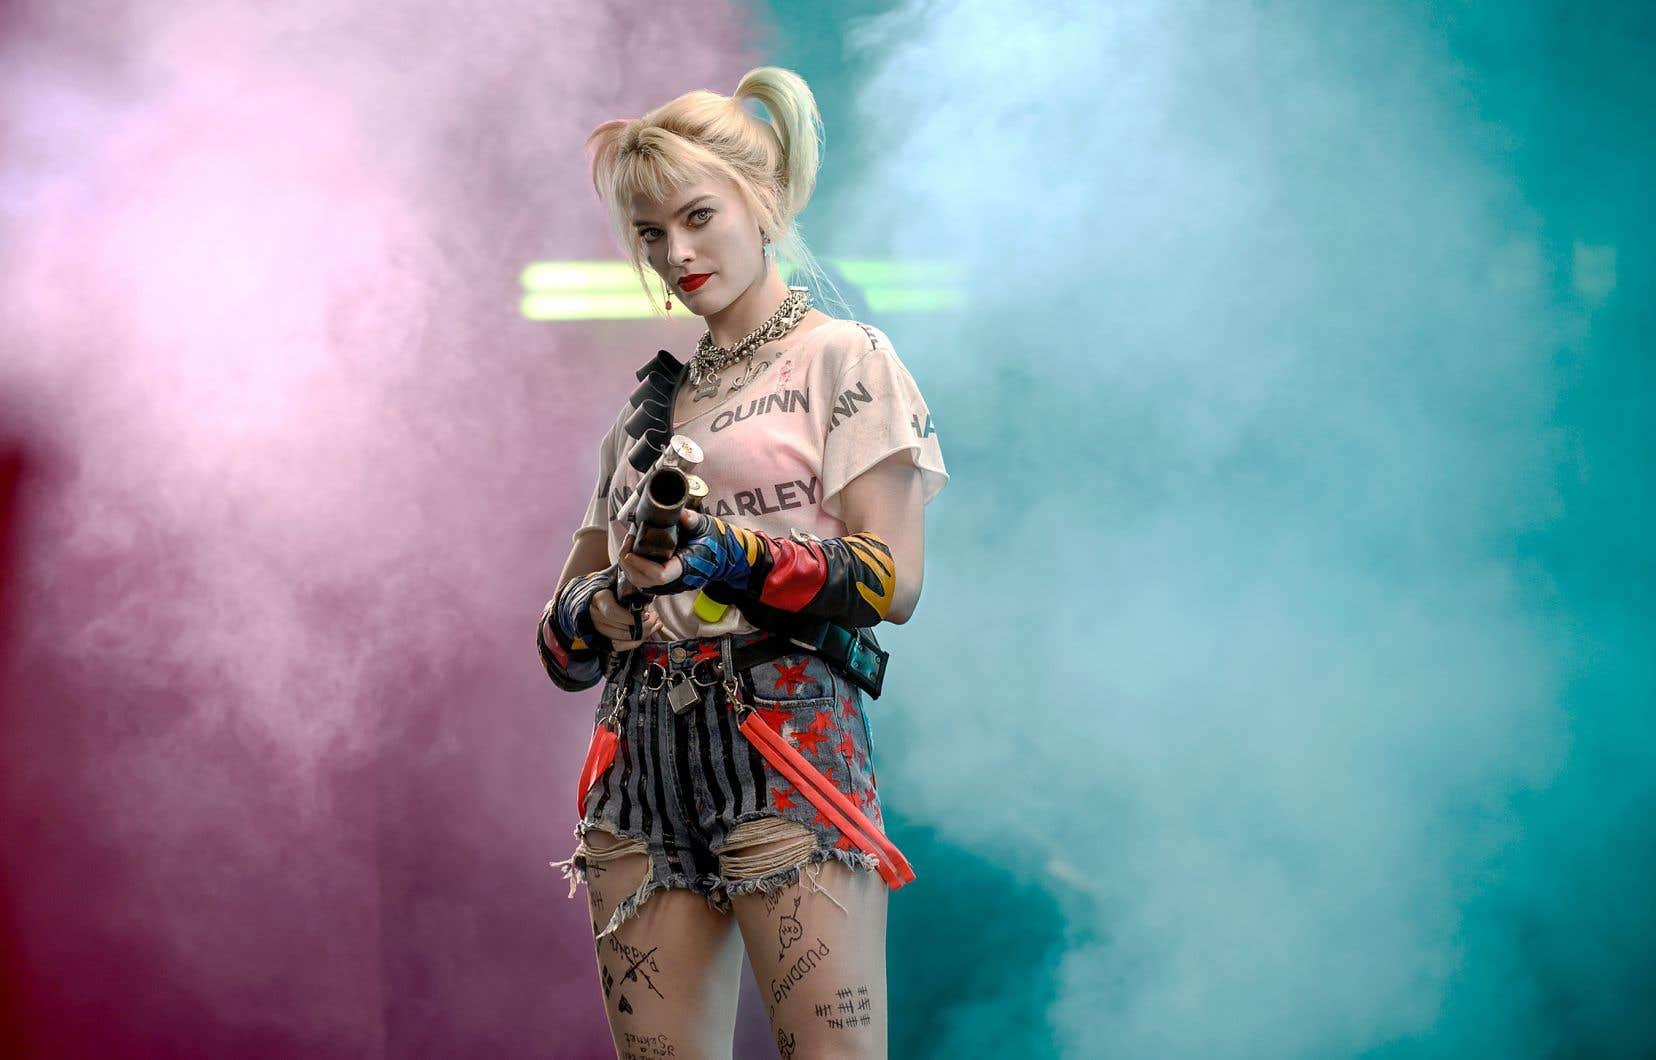 Harley, personnage apparu pour la première fois dans la série animée des Batman, braque des banques, massacre des méchants et pastiche Marilyn Monroe dans une ode aux diamants diabolique.